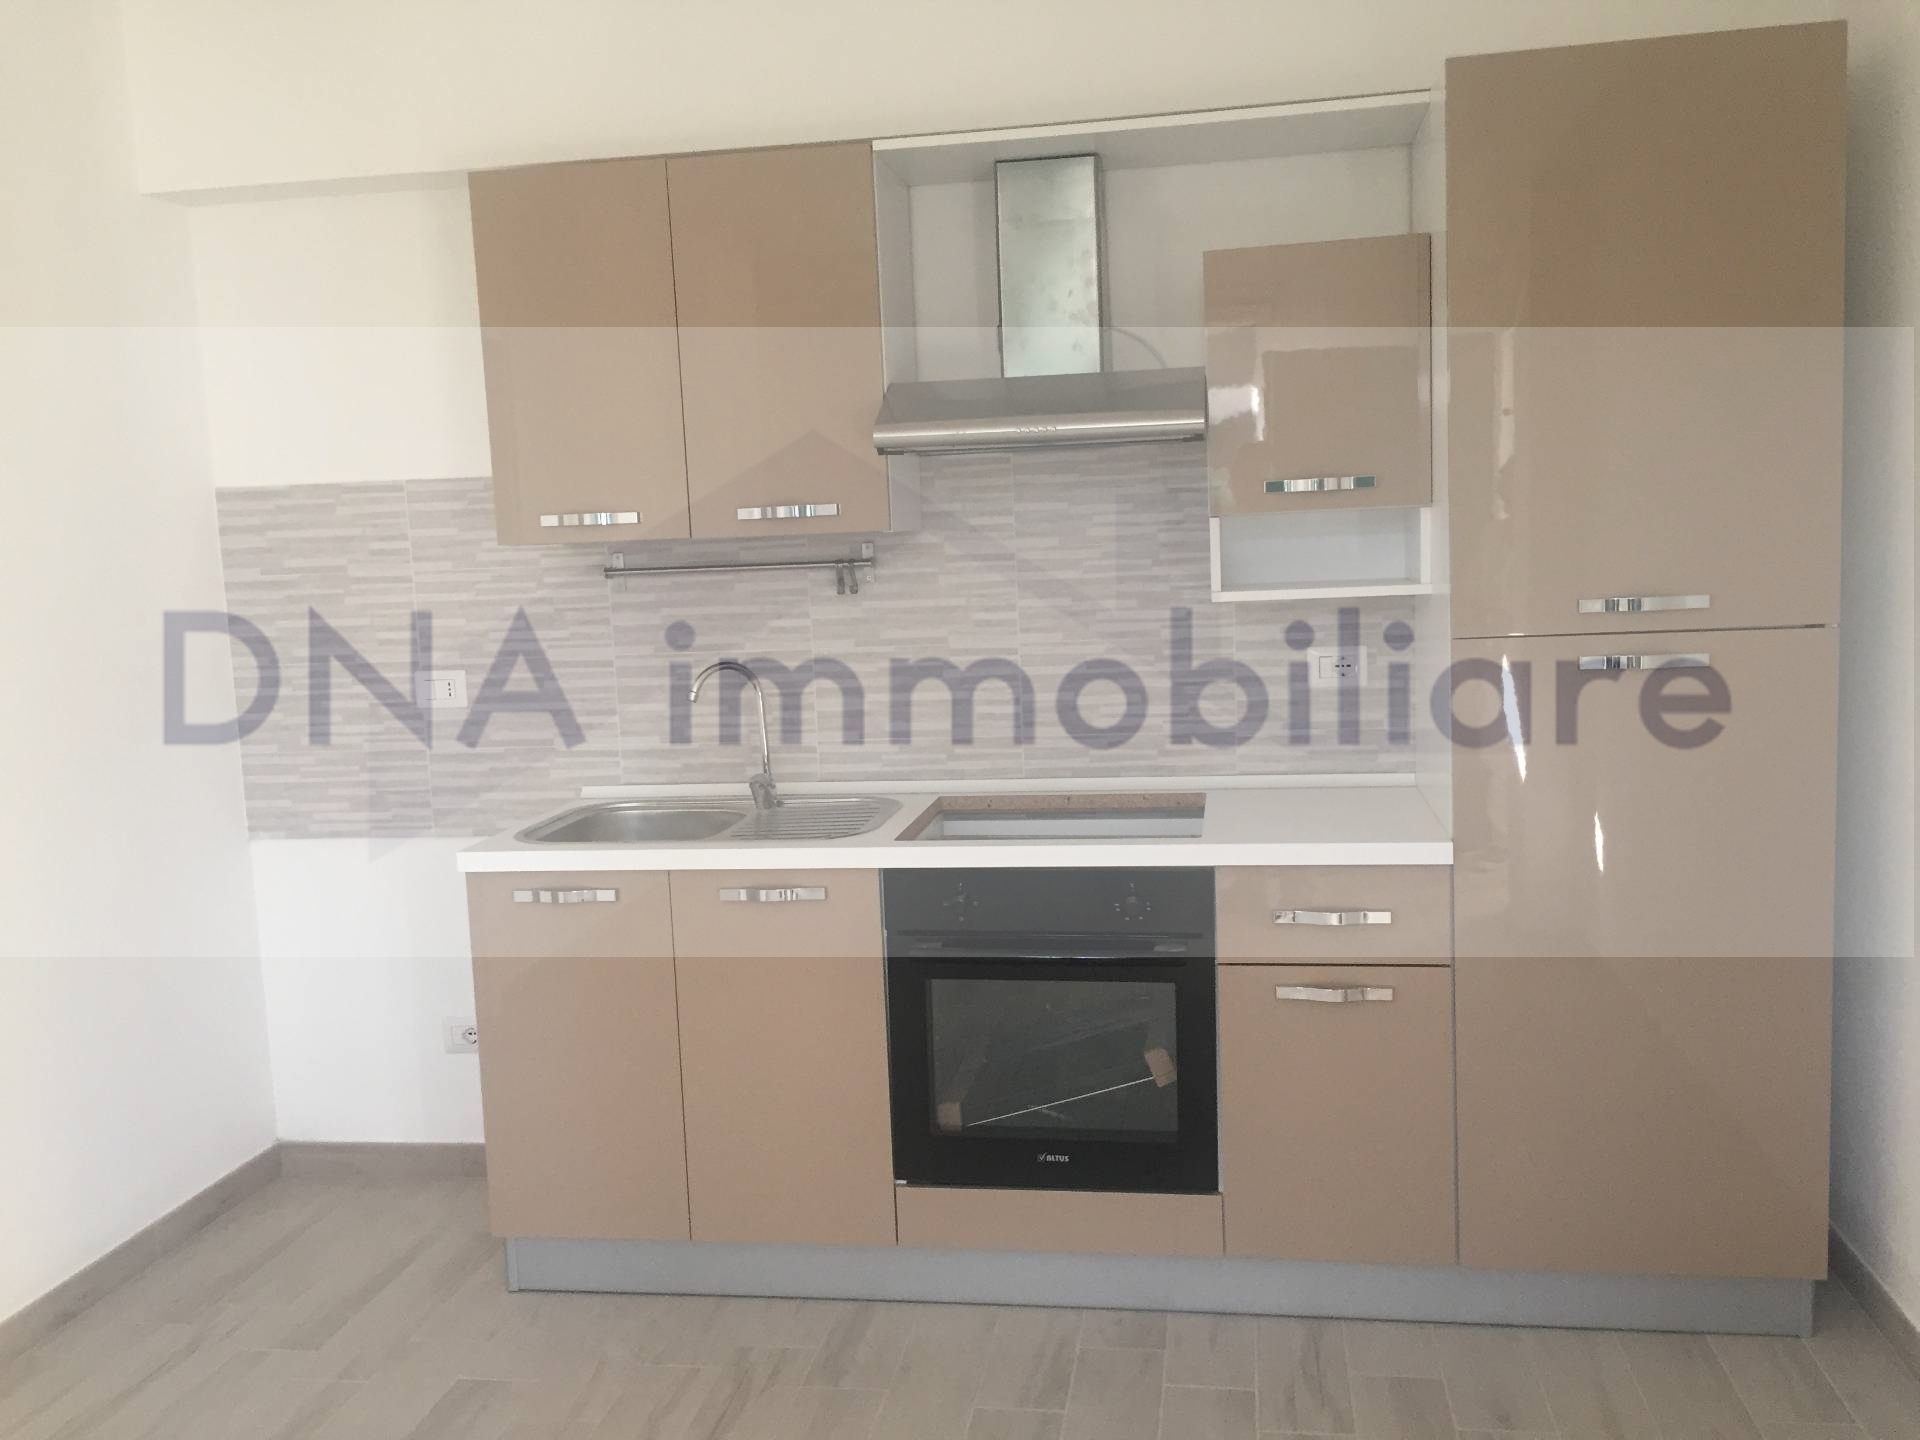 Appartamento in affitto a Mirabello, 2 locali, prezzo € 400 | CambioCasa.it